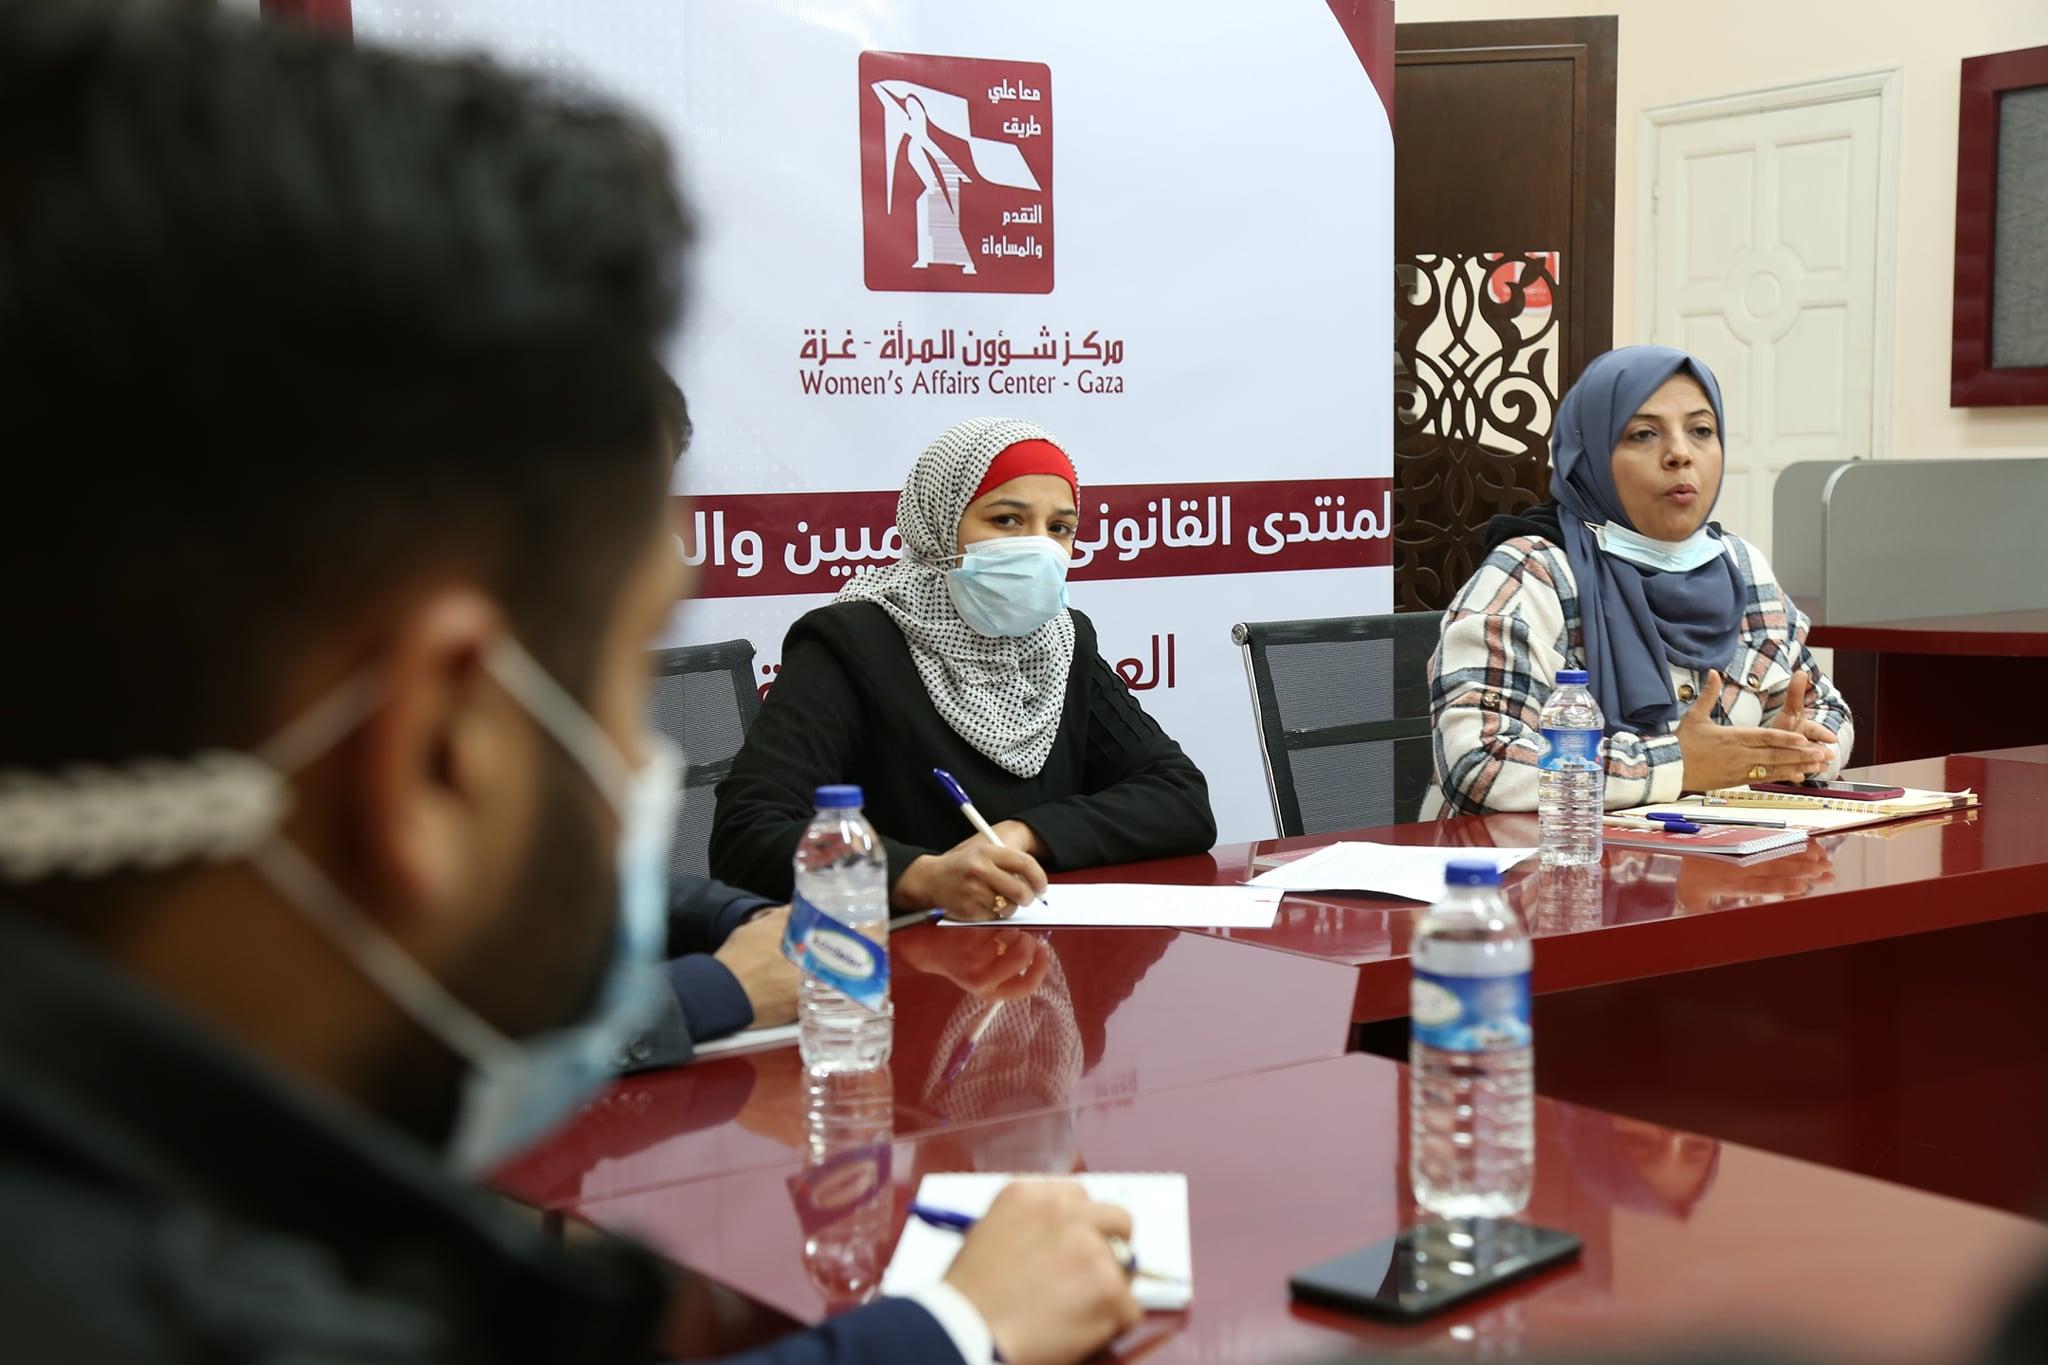 لتطوير المنتدي القانوني مركز شؤون المرأة يطلق أولى اجتماعاته.